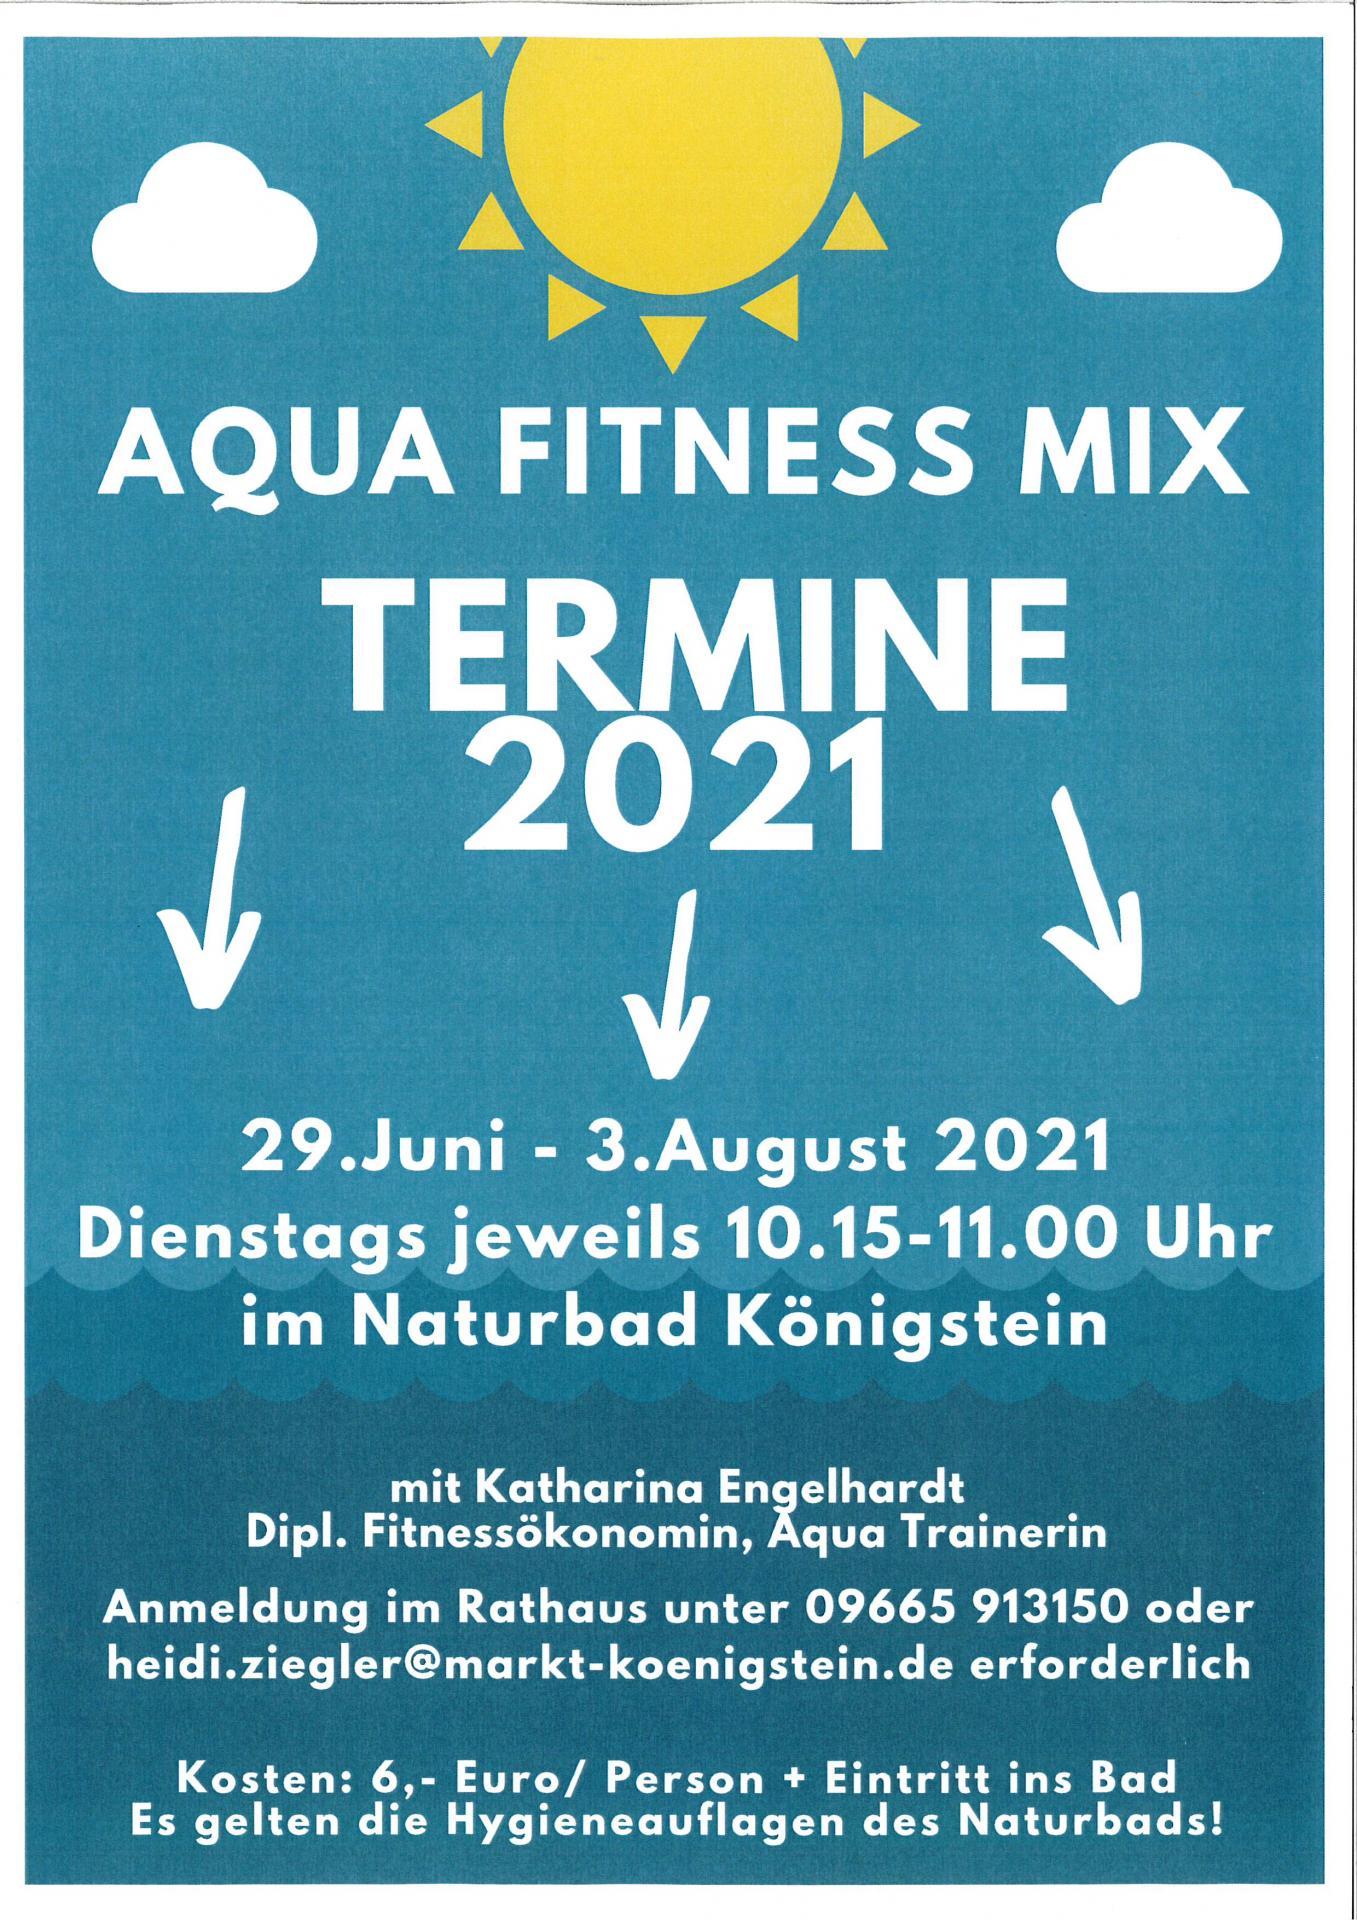 Aqua Fitness Mix